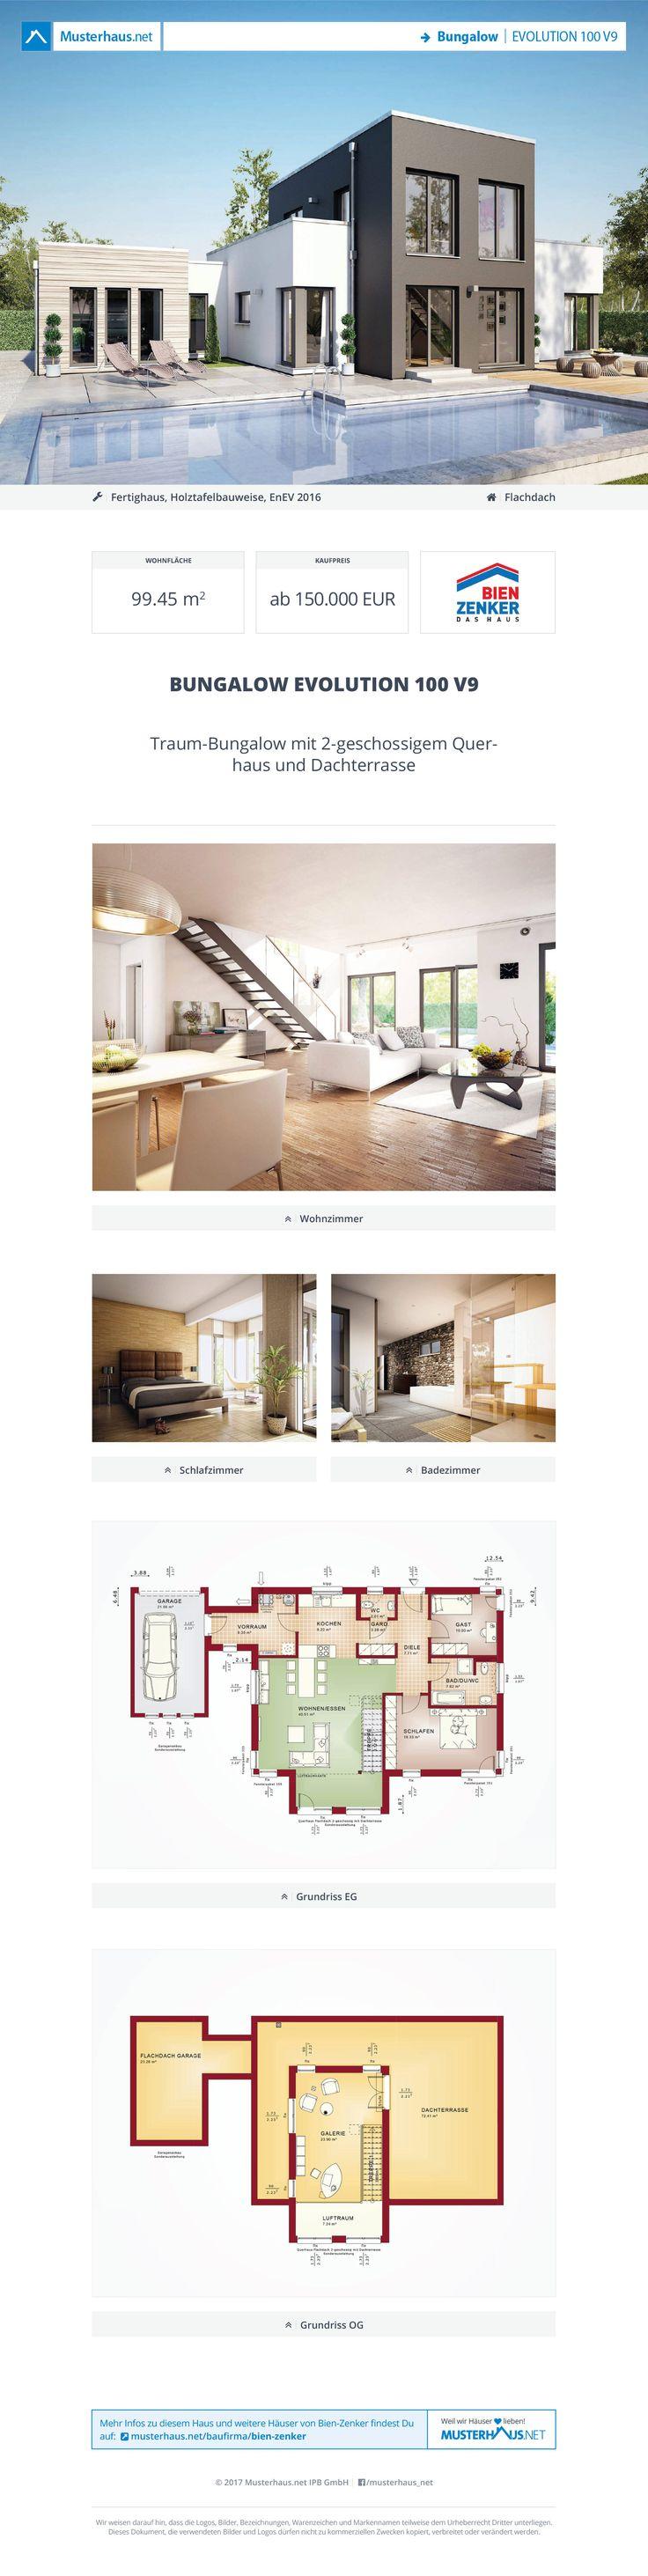 Elegant Grundstück Gestalten Ideen